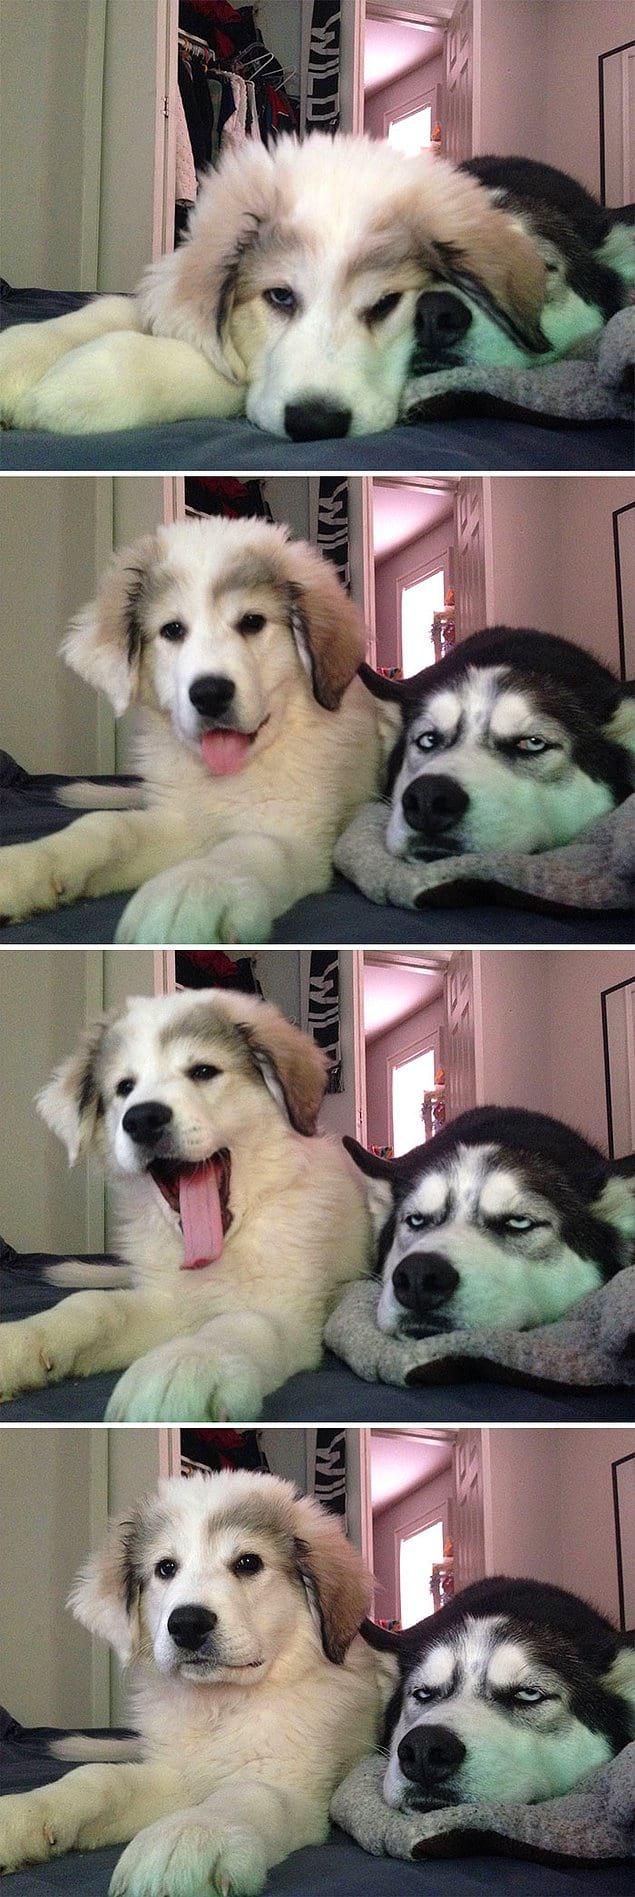 Ему явно нравится его новая сестричка